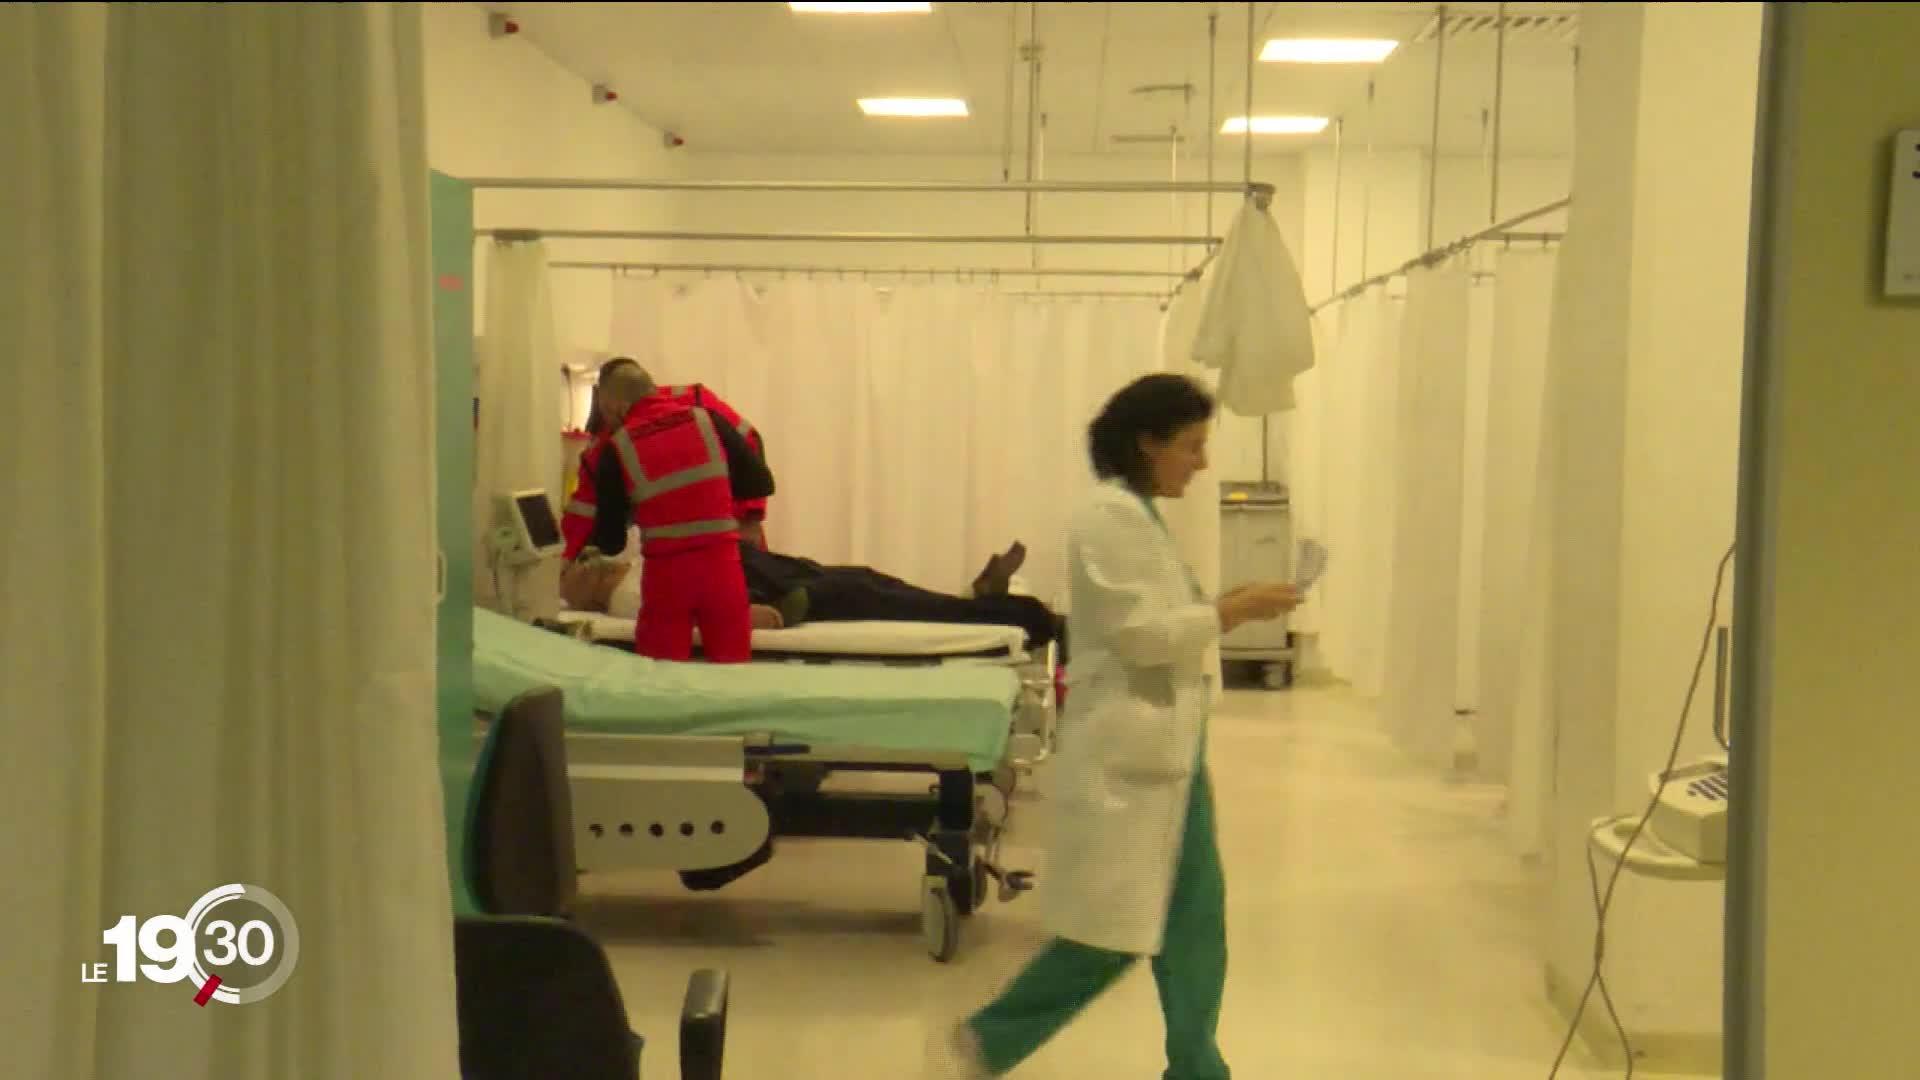 Coronavirus, deuxième victime à Novi Ligure. Le nombre de personnes infectées est passé à 108, Asti et Alexandrie les plus touchées